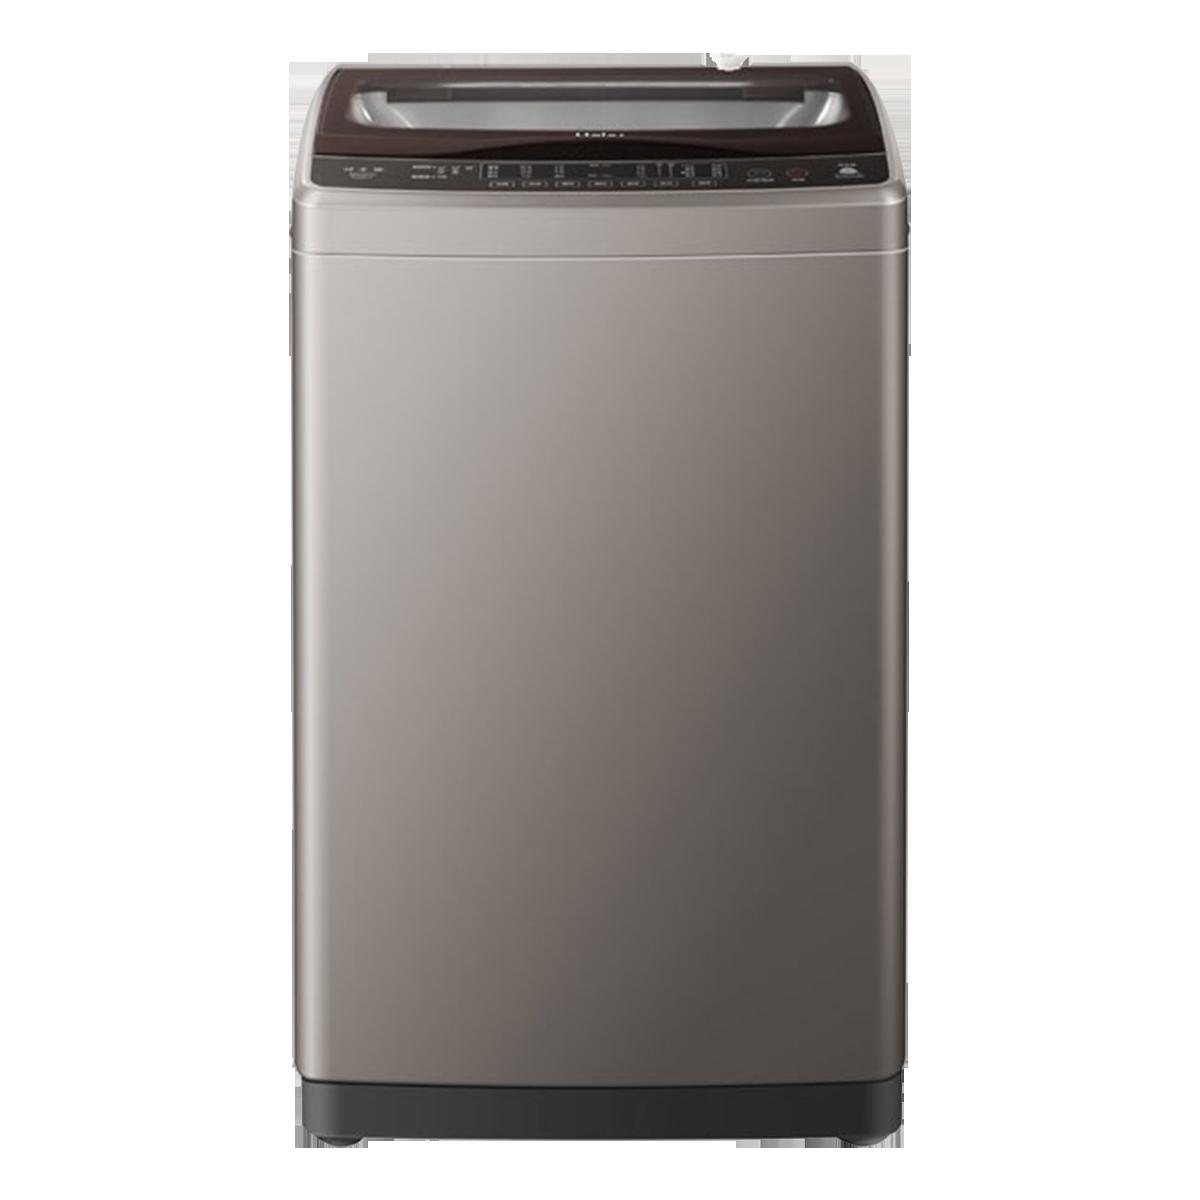 海尔Haier洗衣机 B7516F61 说明书